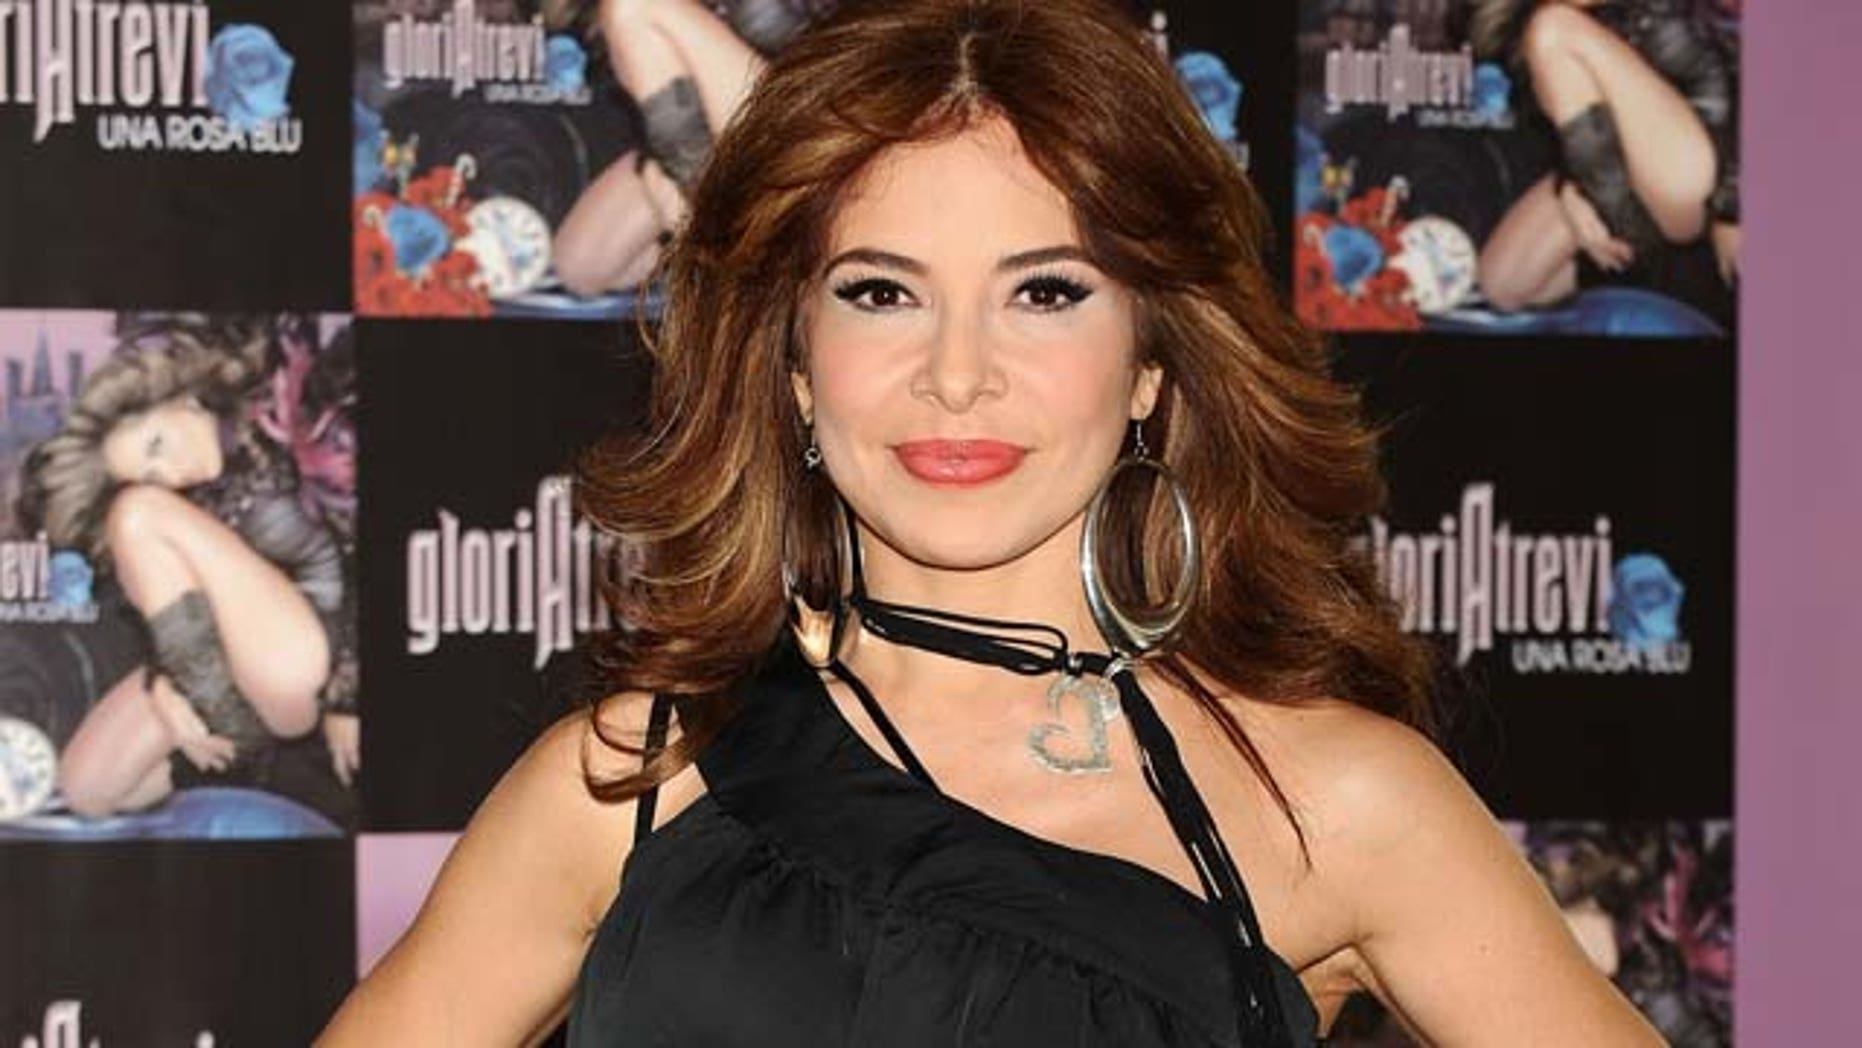 July 2, 2009: Mexican singer Gloria Trevi presents her new album 'Una Rosa Blu' at Hotel de las Letras in Madrid, Spain.